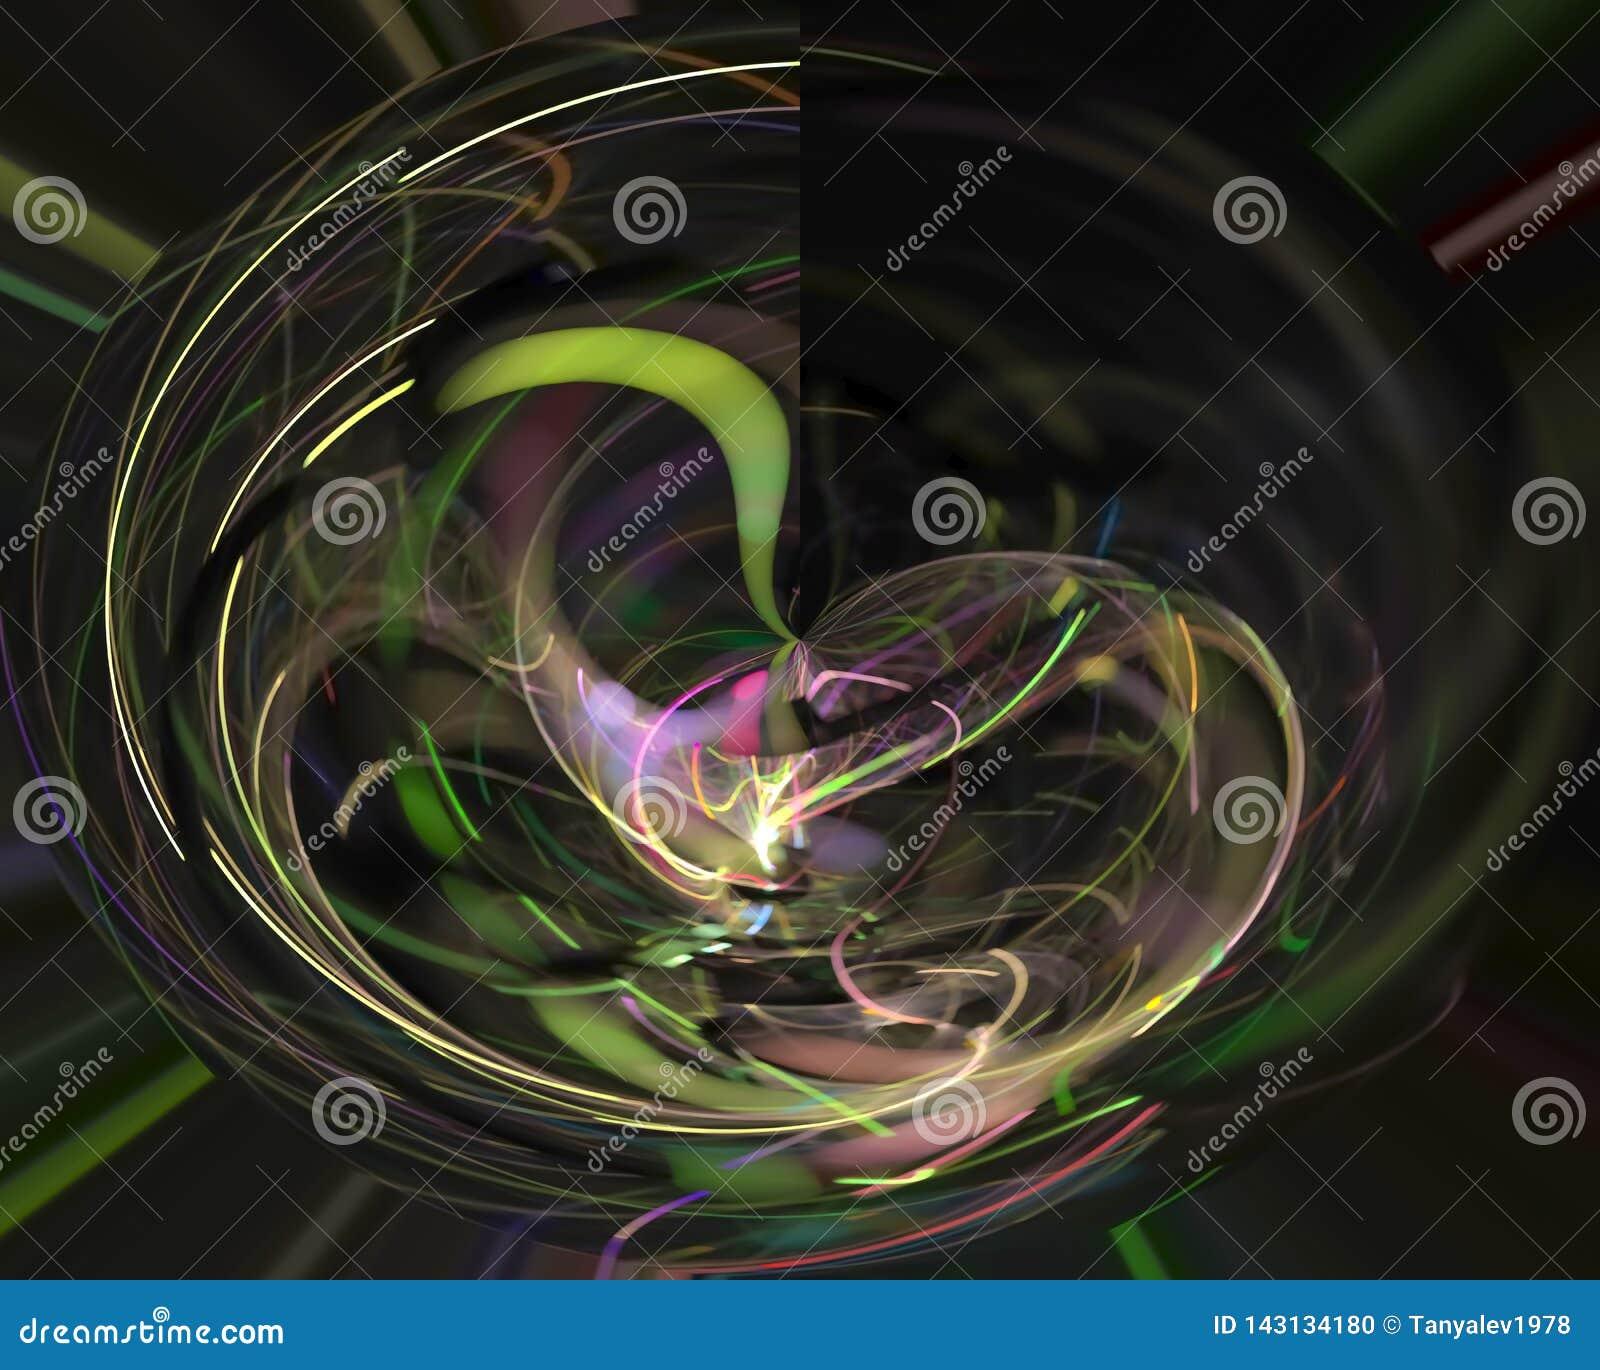 Αφηρημένο ψηφιακό fractal δημιουργικό, φουτουριστικός καλλιτεχνικός στοιχείων προτύπων φλογών διακοσμητικός, κομψότητα, δυναμική